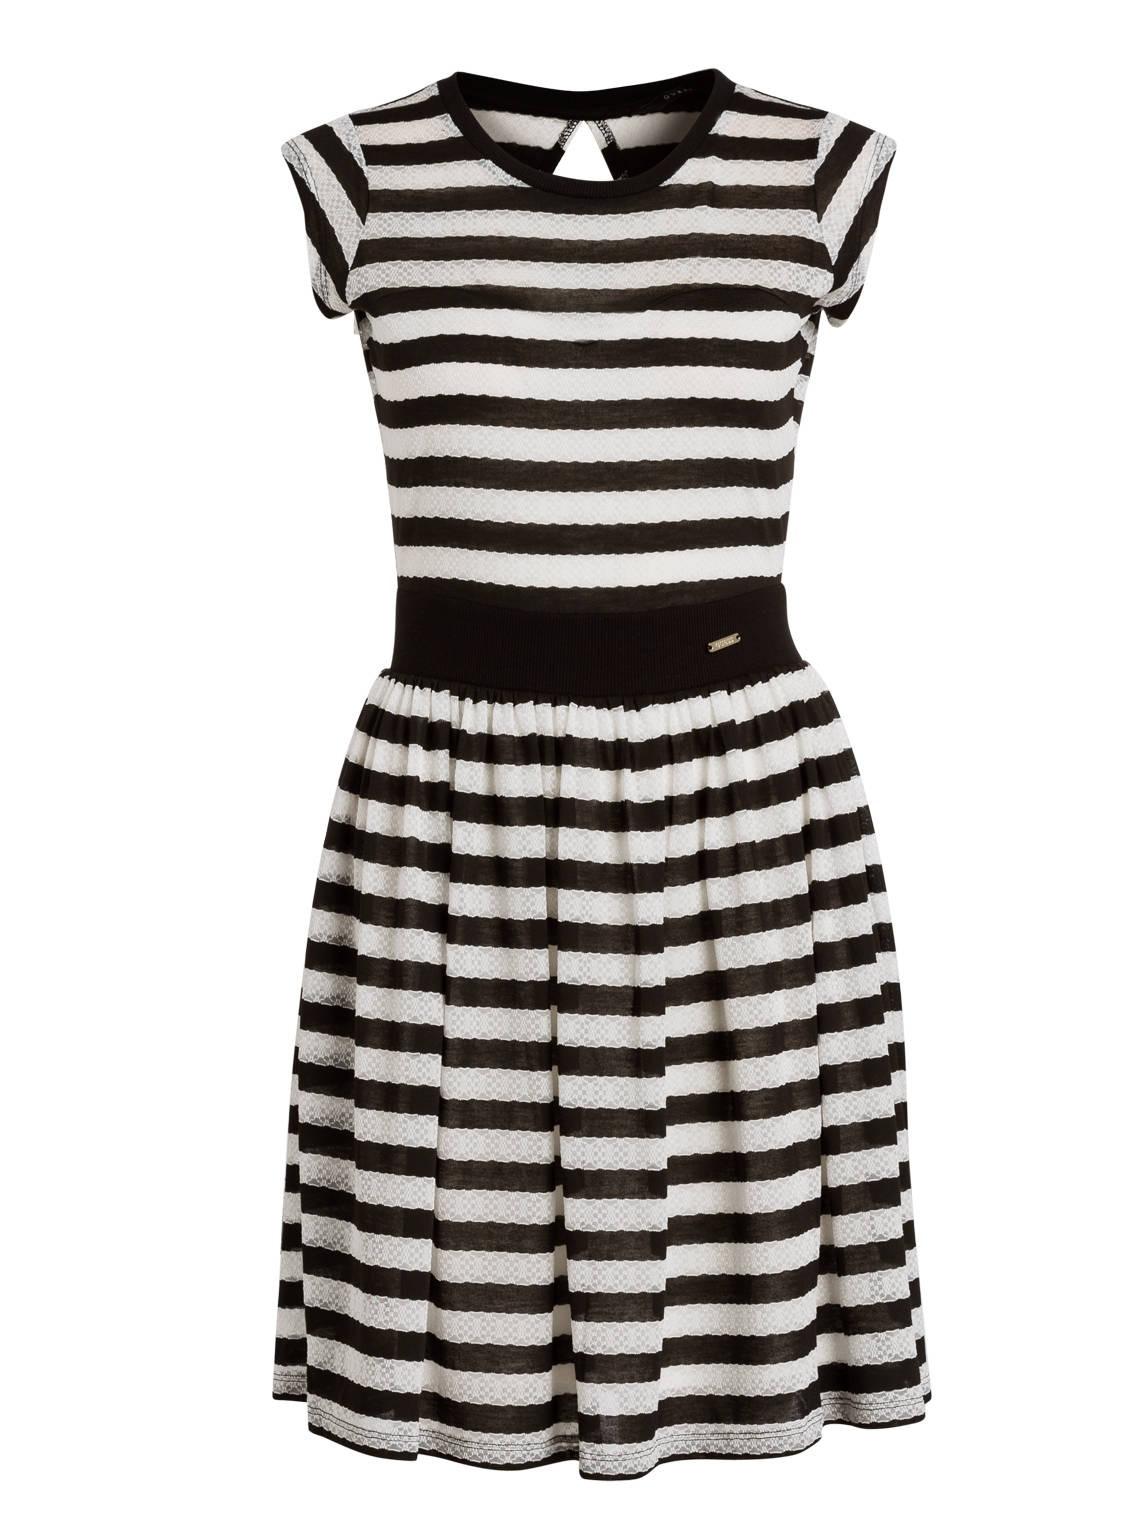 13 Top Damen Kleider Schwarz Weiß Boutique17 Genial Damen Kleider Schwarz Weiß Boutique